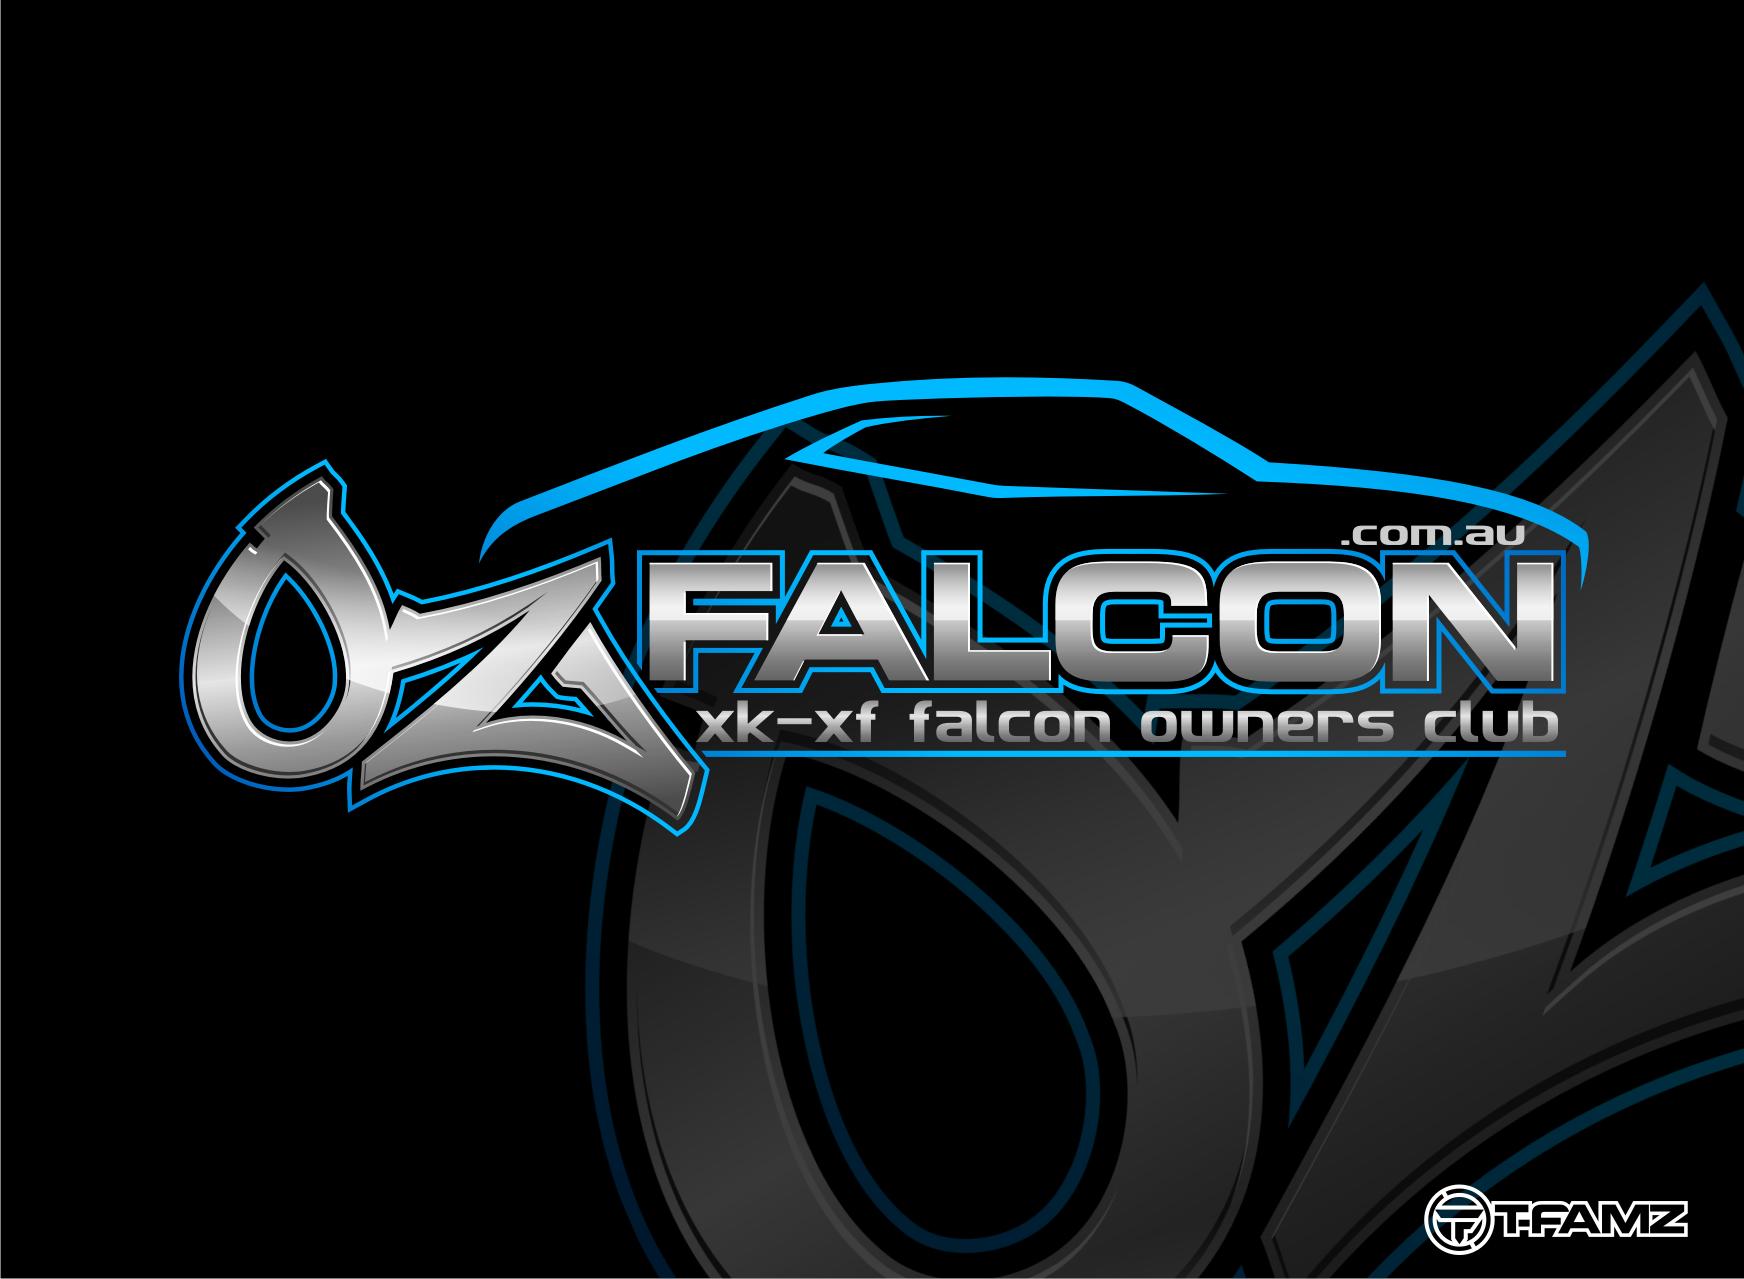 logo for ozfalcon.com.au